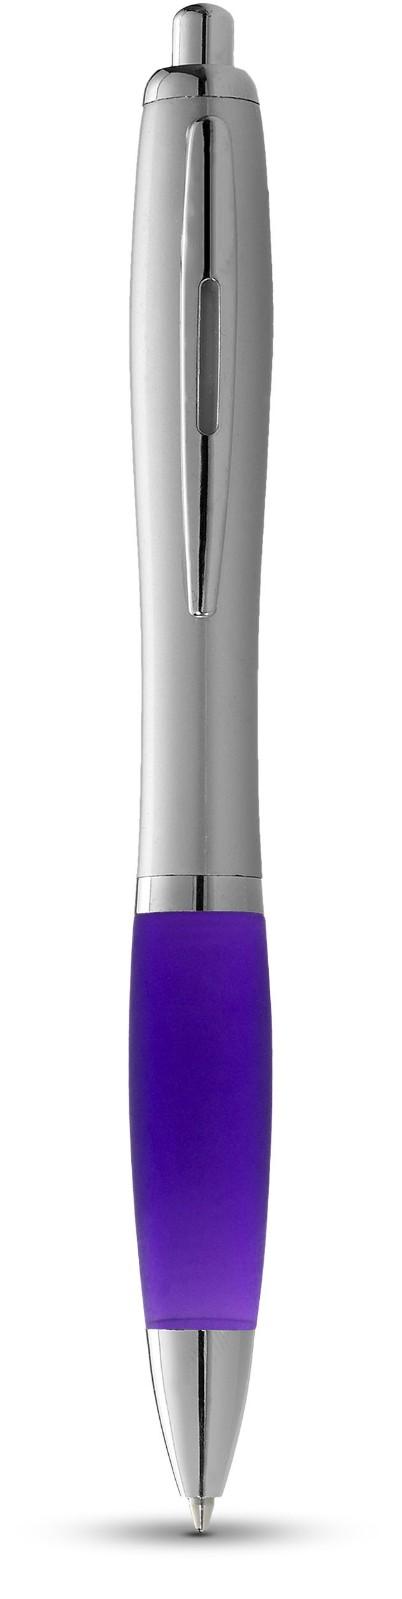 Nash Kugelschreiber silbern mit farbigem Griff - Lila / Silber